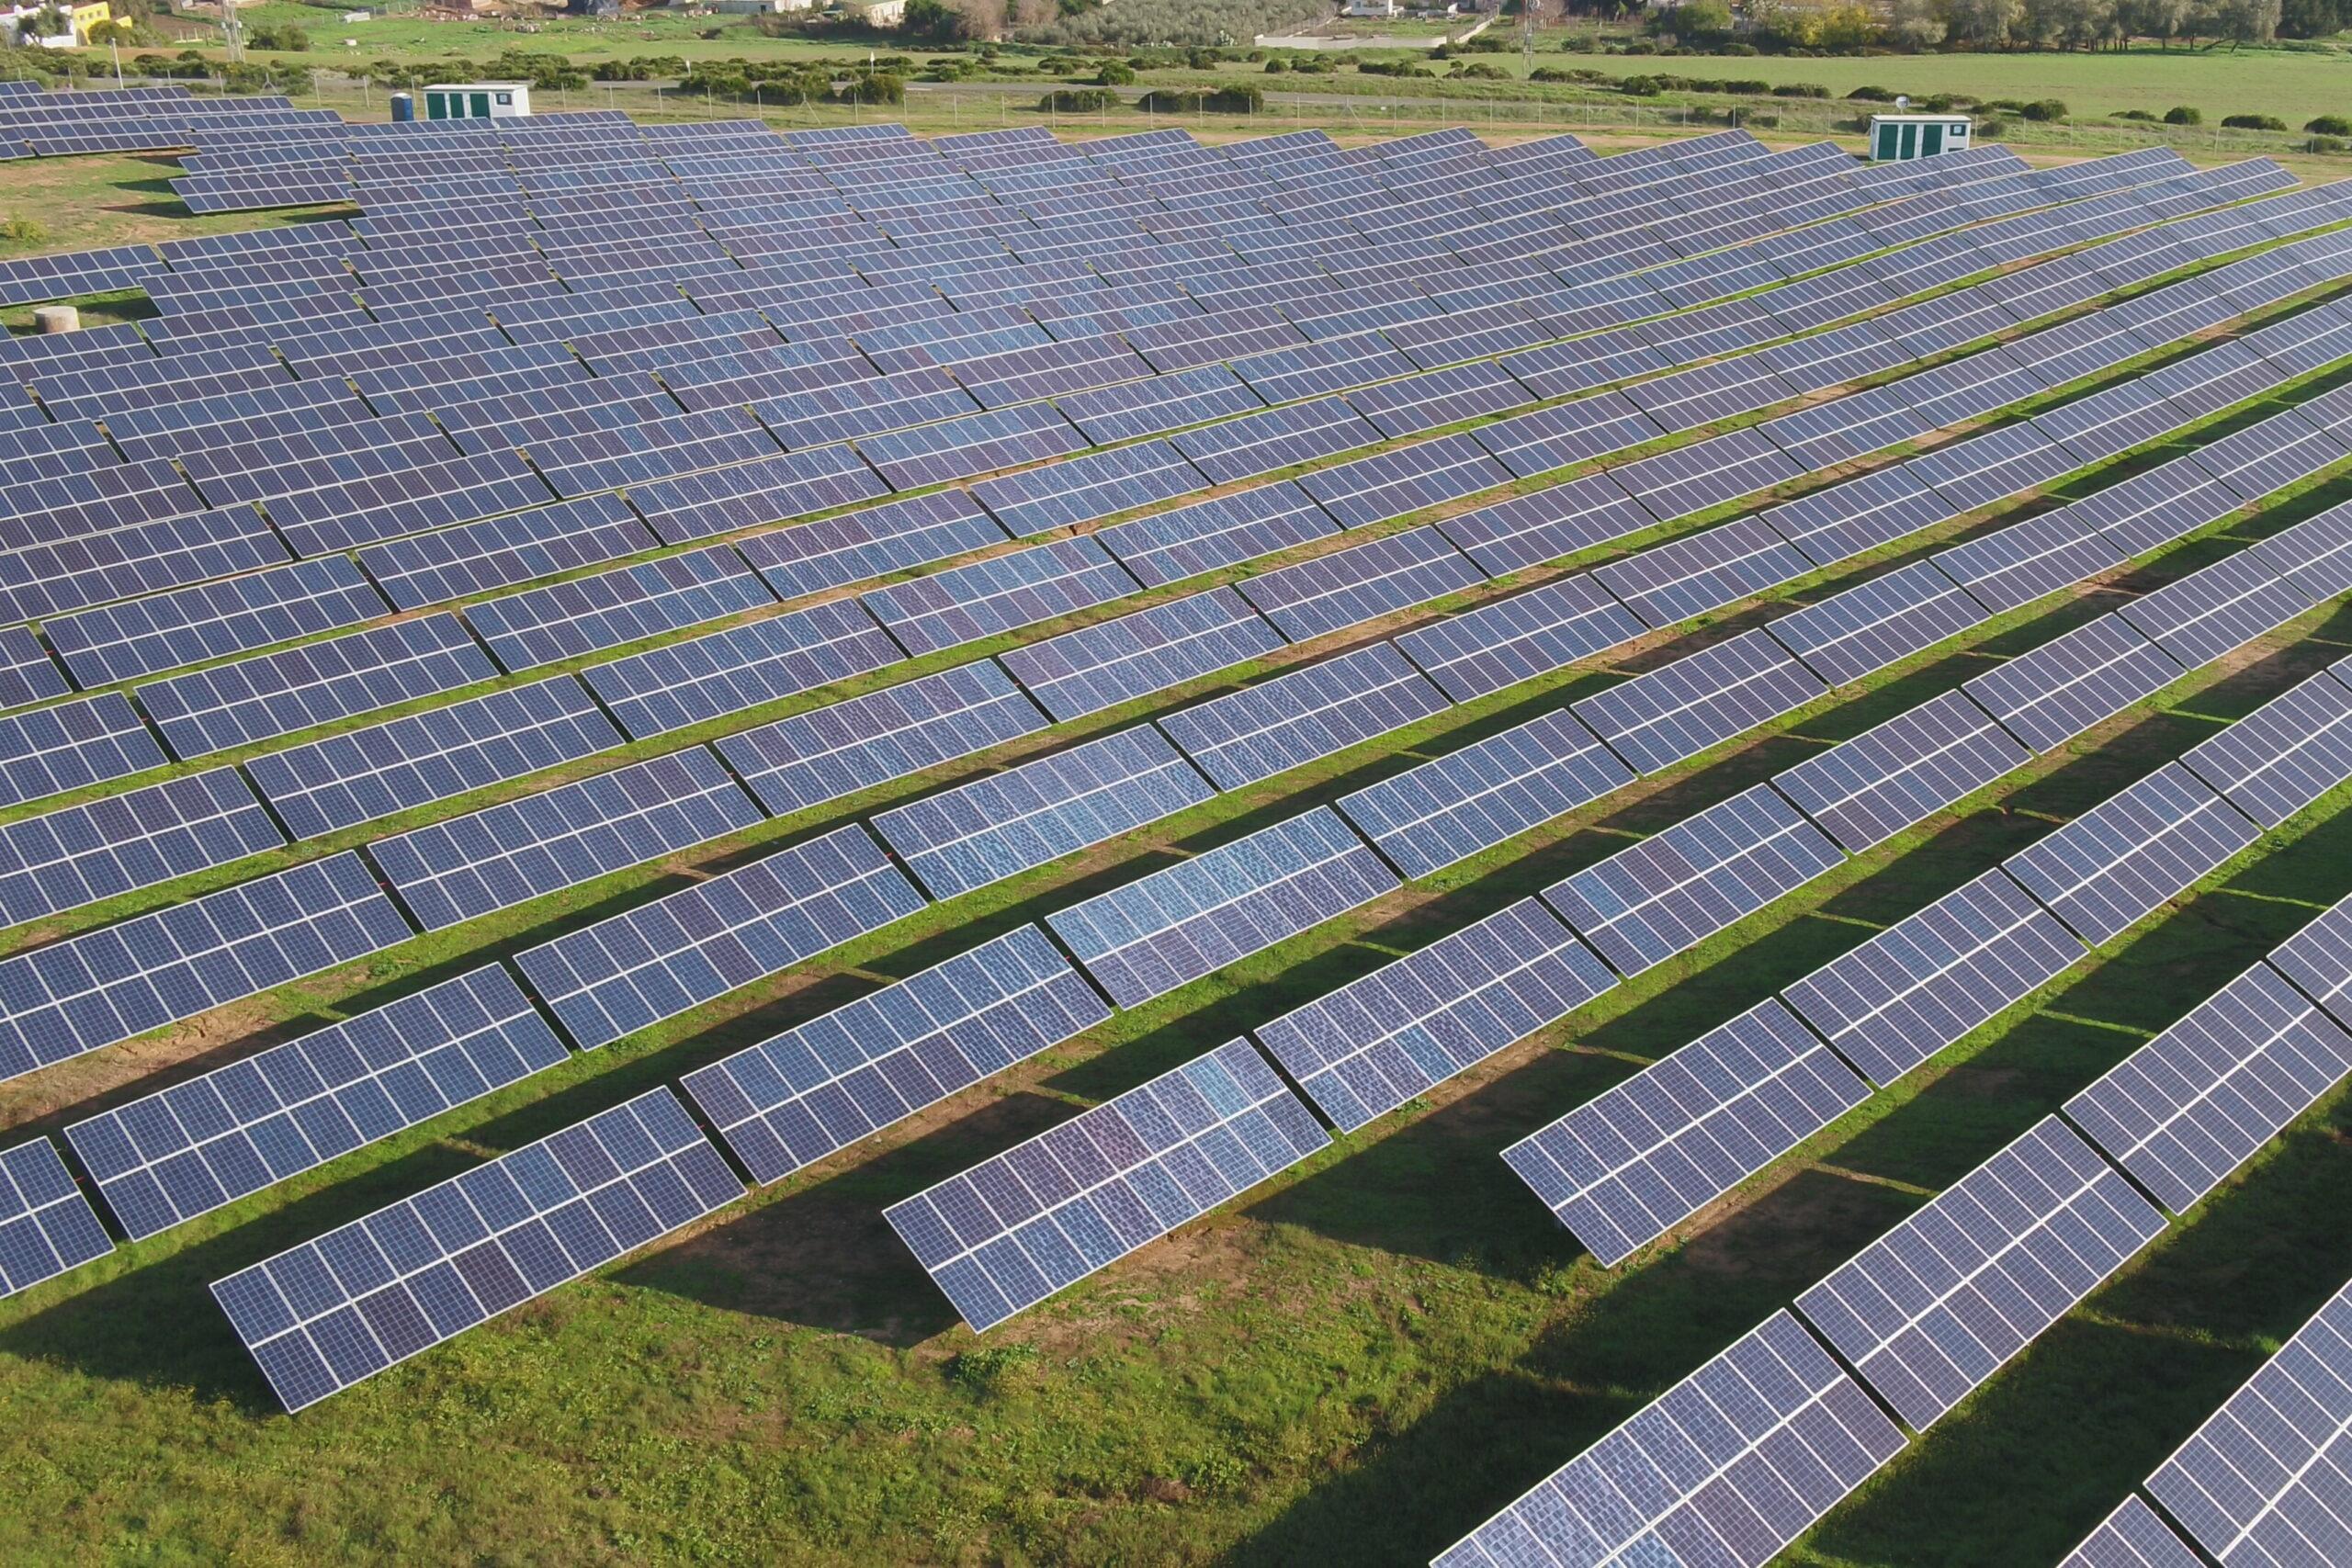 La planta solar fotovoltaica de Som Energia a Lora del Río | ACN